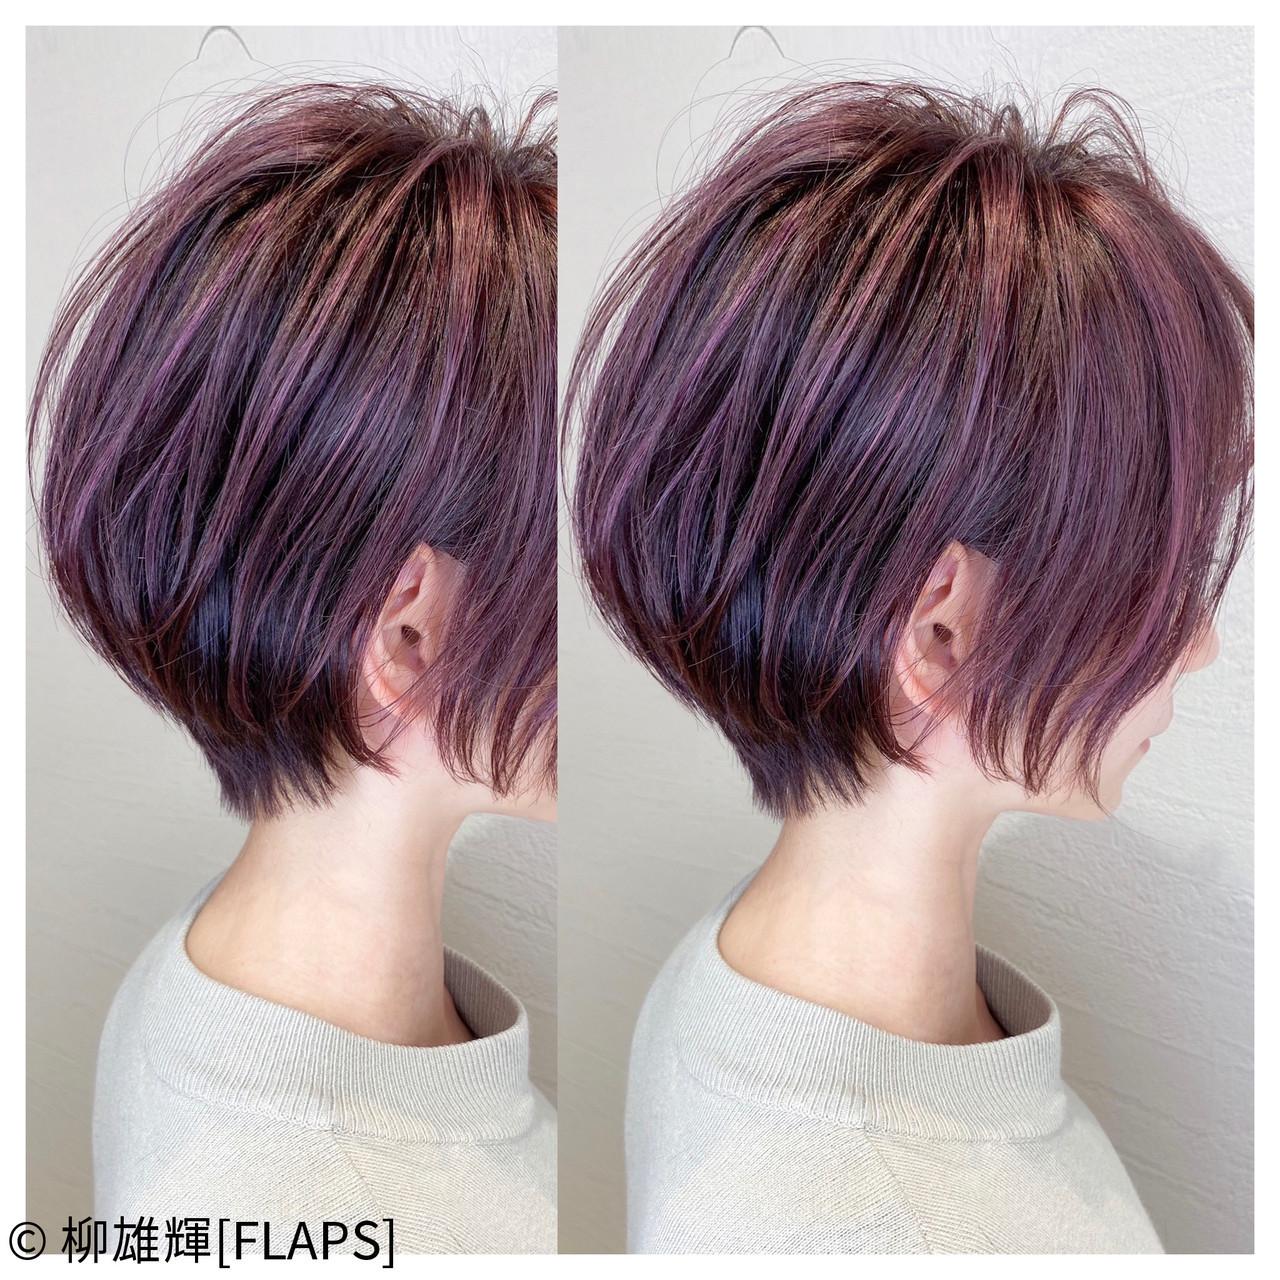 ショートヘア パープルカラー 丸みショート ストリート ヘアスタイルや髪型の写真・画像